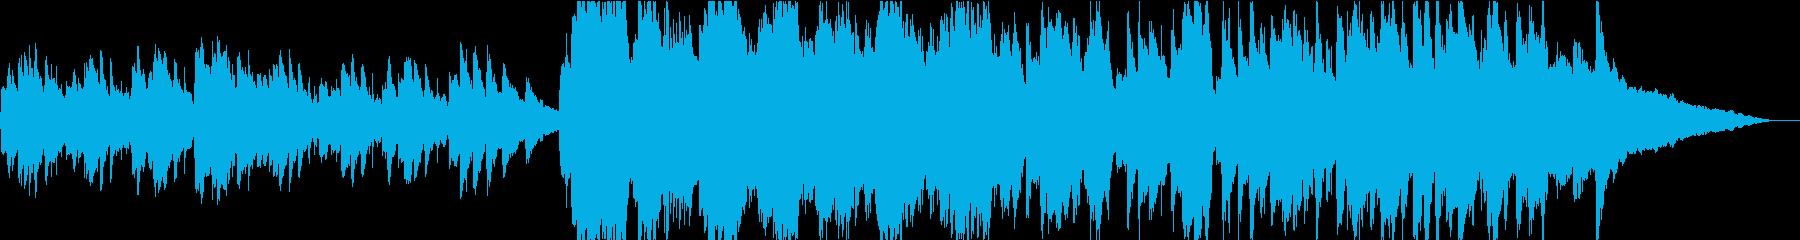 【生演奏】流れるフレーズのピアノバラードの再生済みの波形